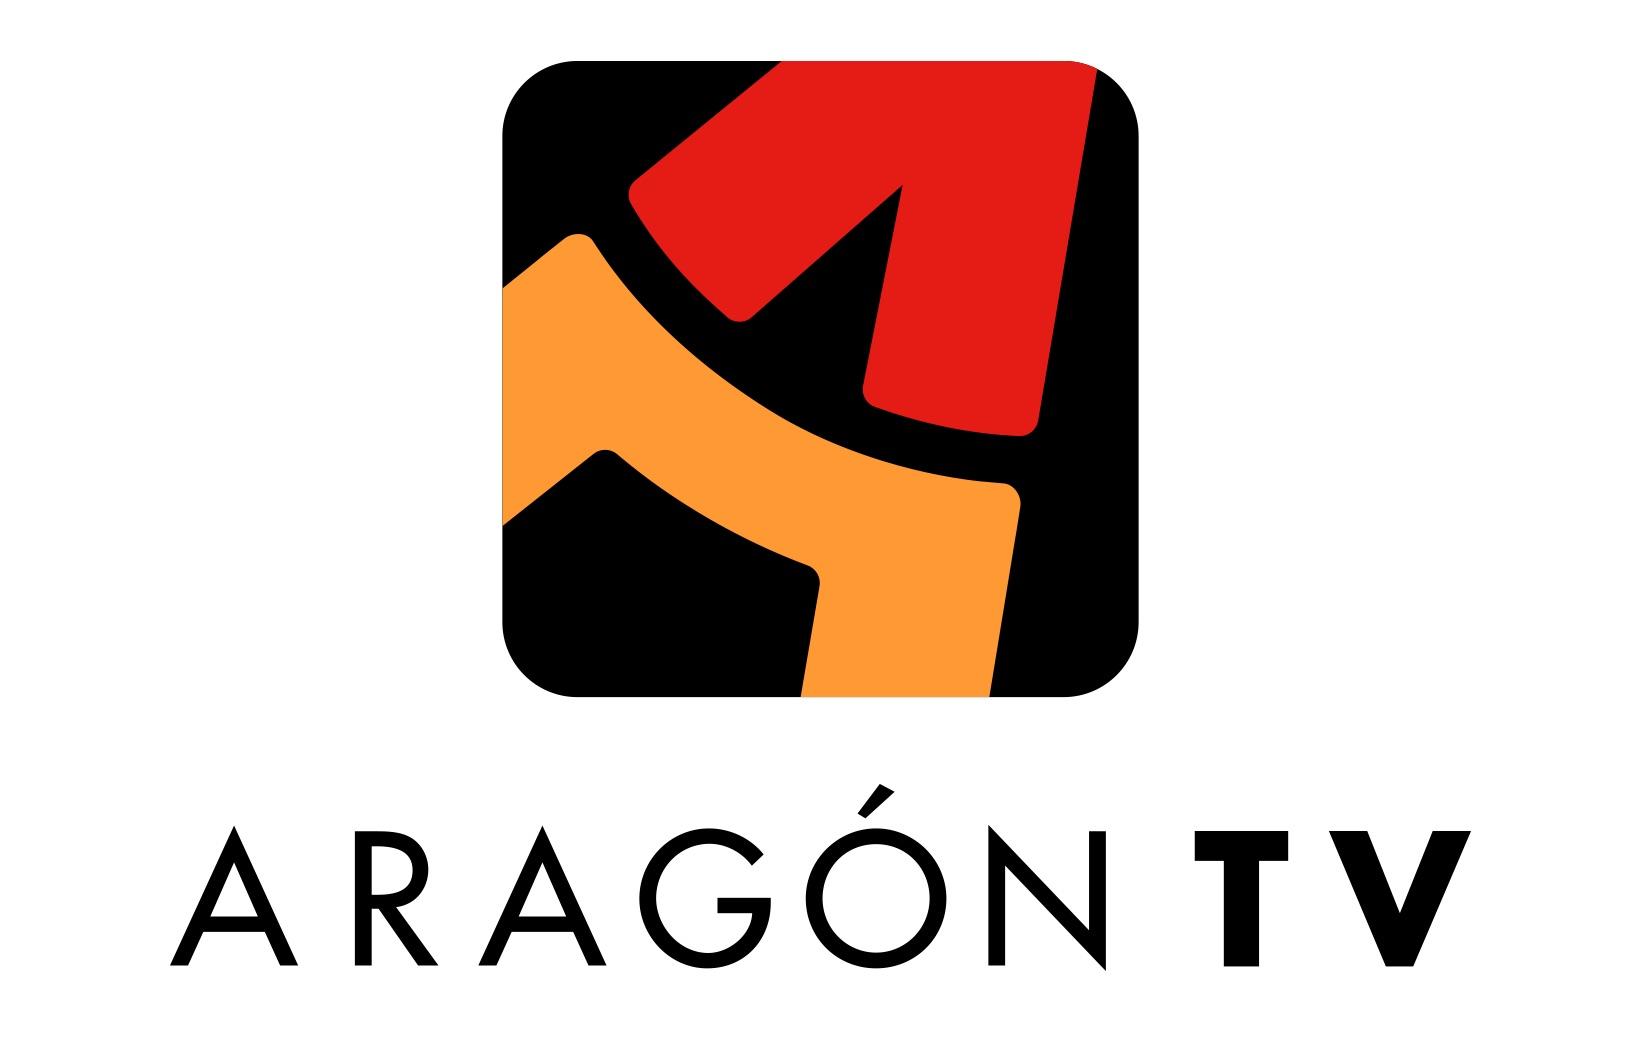 logo-aragon-tv-vertical